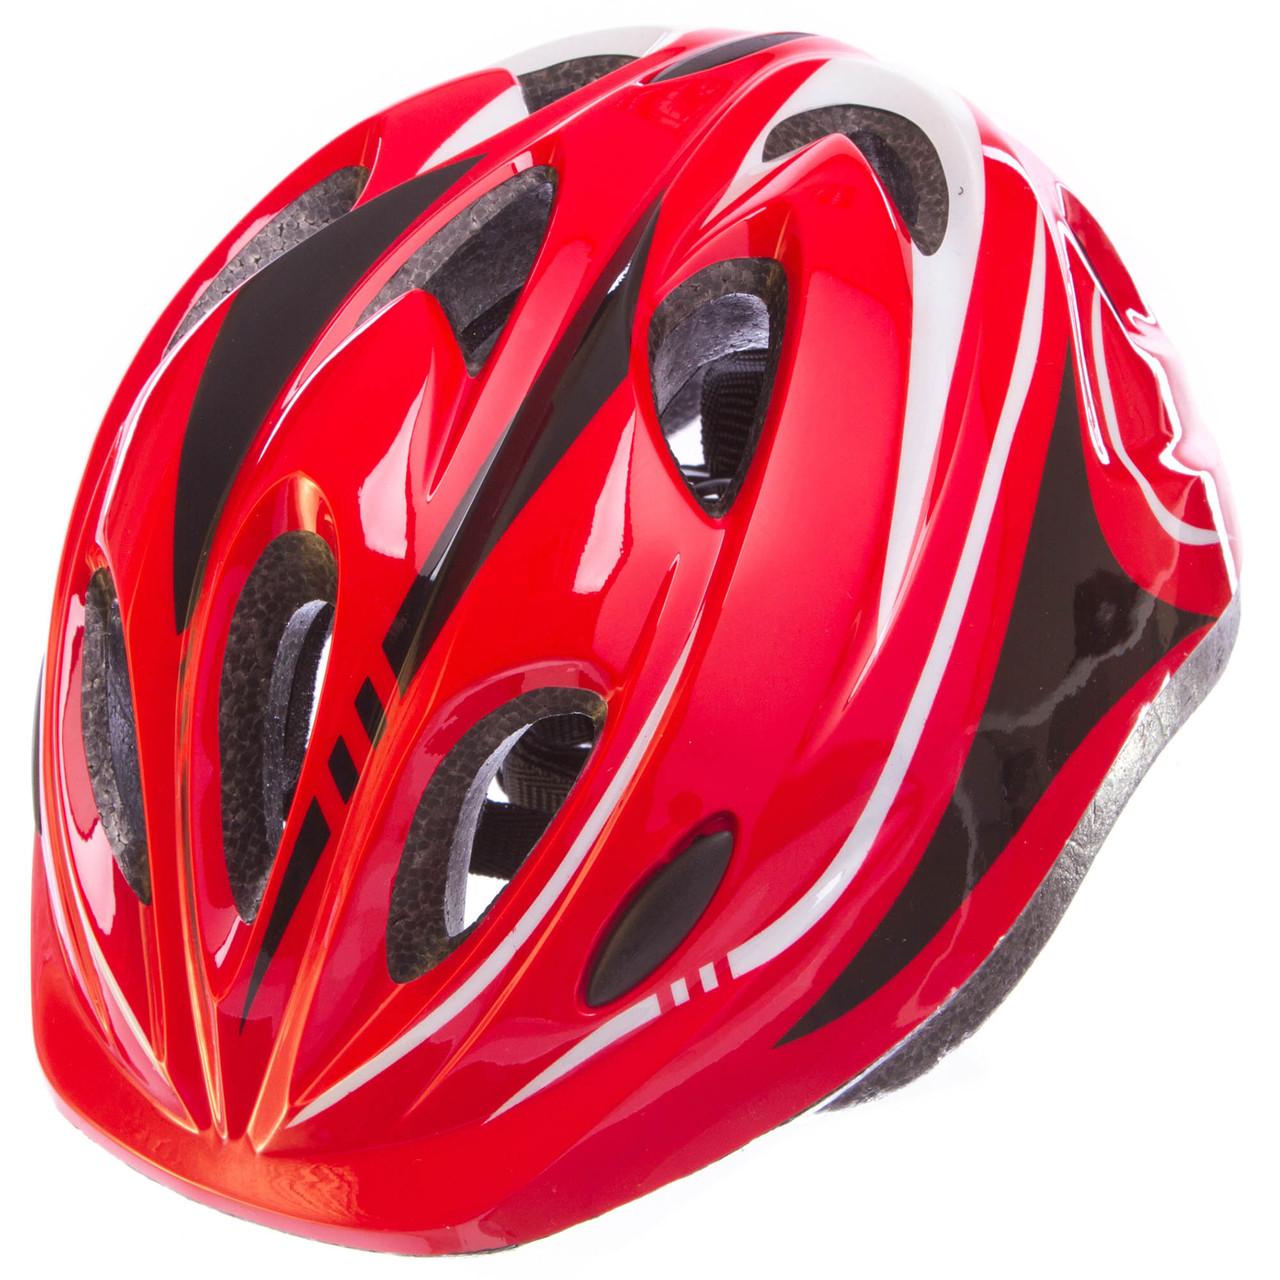 Шлем защитный с механизмом регулировки Zelart, EPS, PE, р-р L-54-56, 12 отверстий, красный (SK-5611)